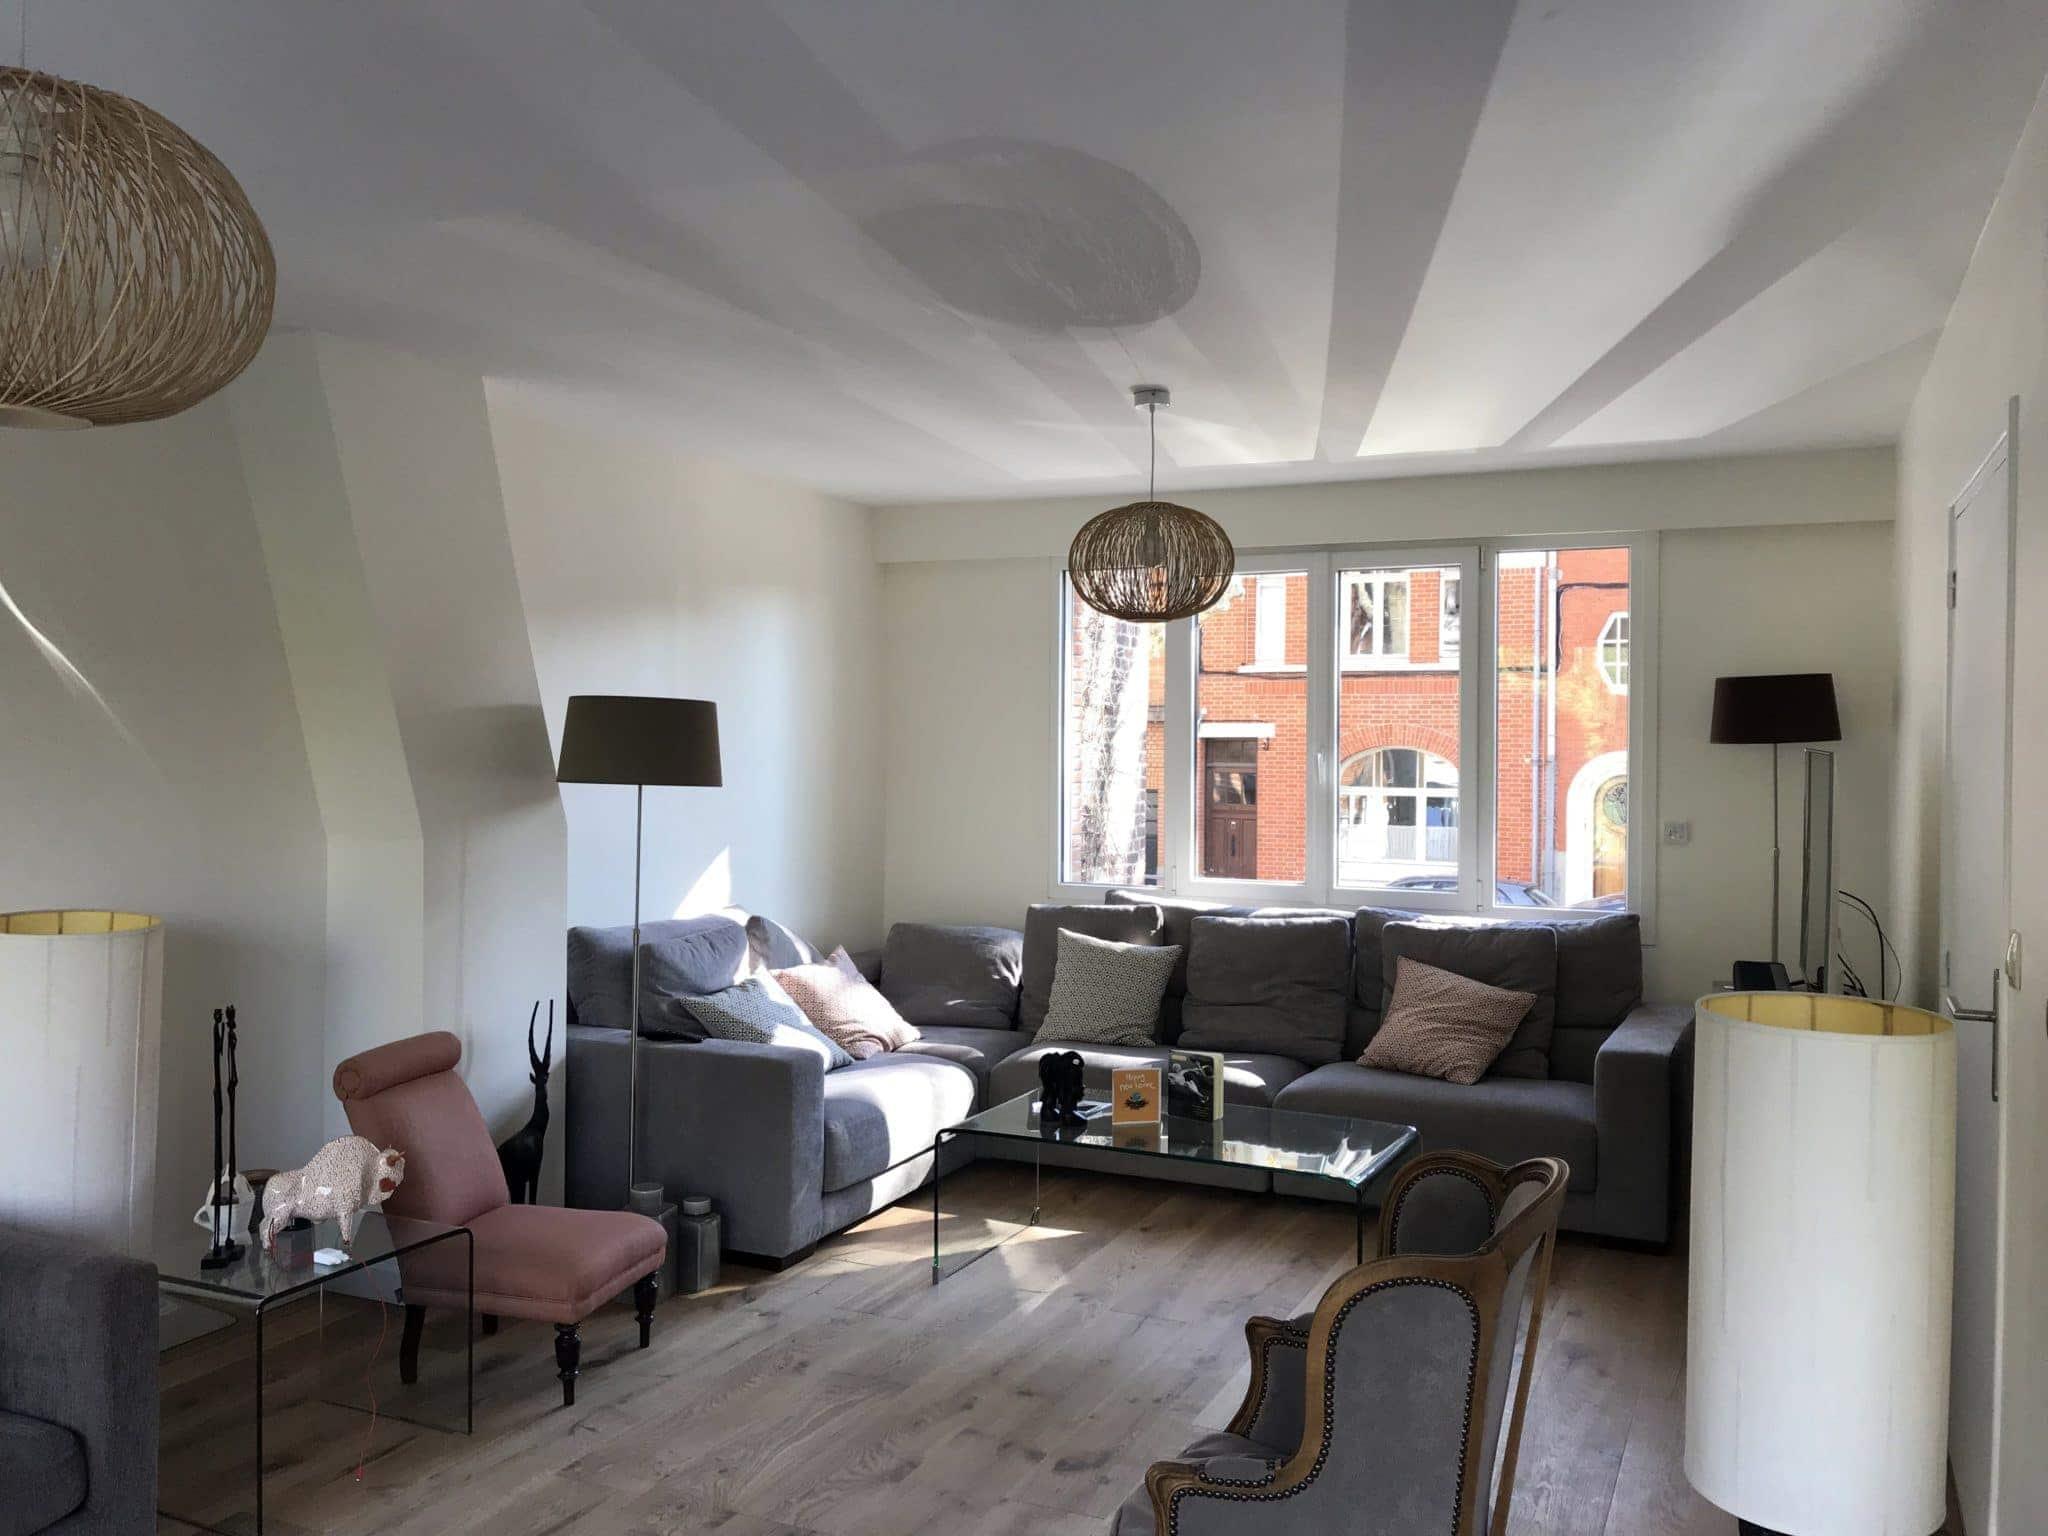 nouveau salon lumineux avec des espaces ouverts